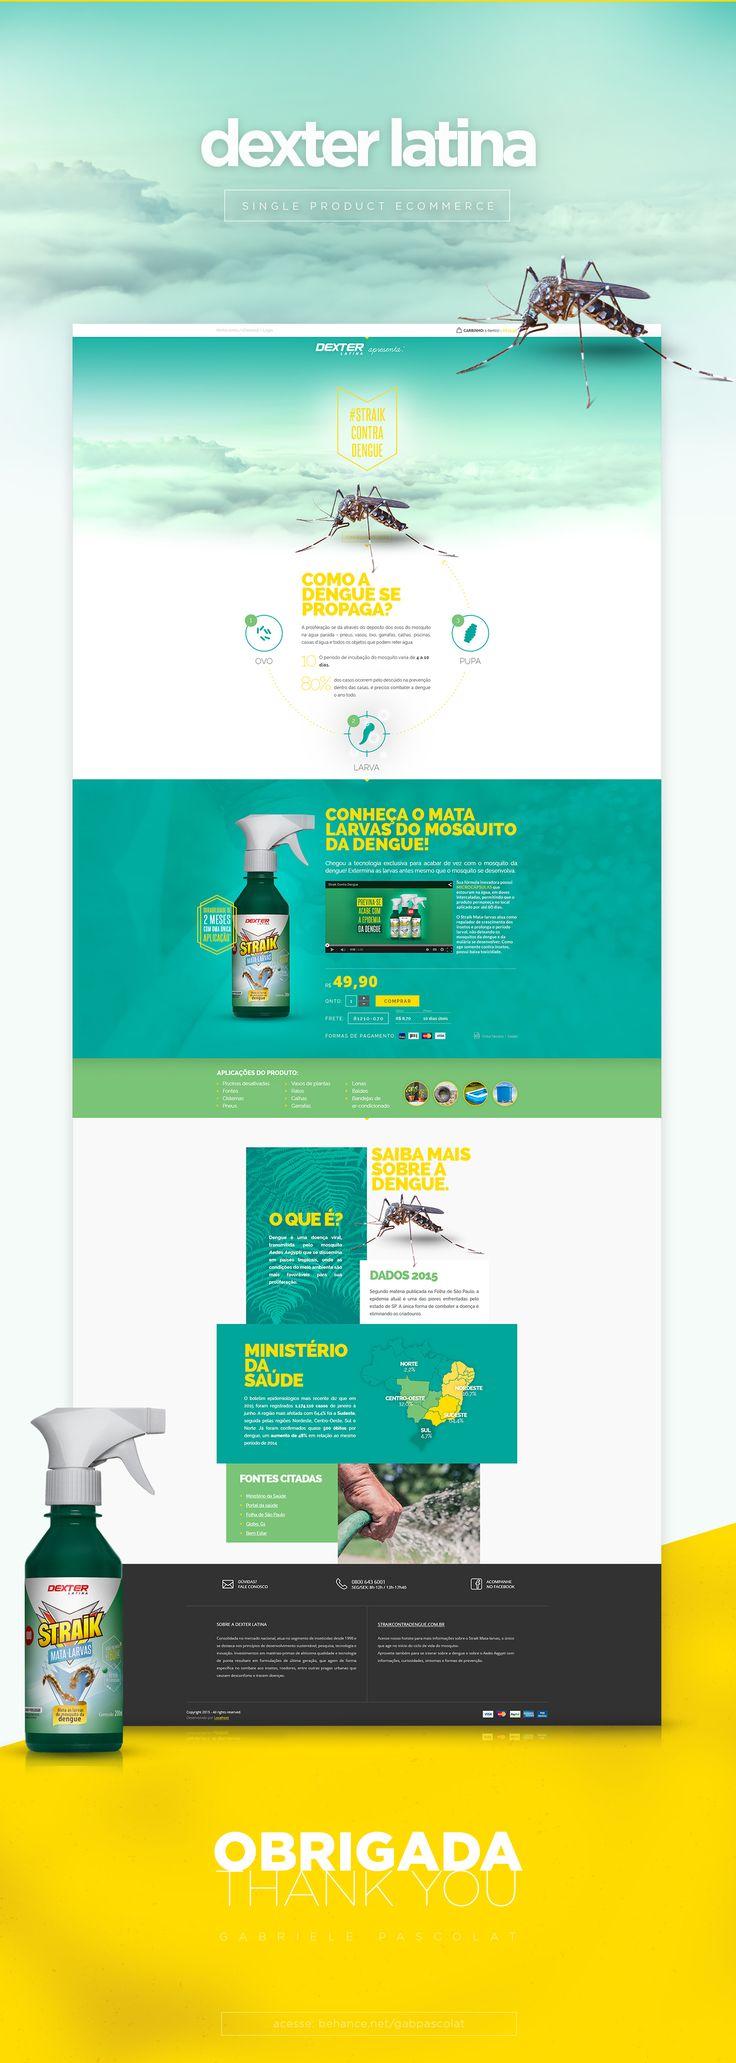 Criação de landing page informativa sobre a dengue e ecommerce de apenas um produto para Dexter Latina.